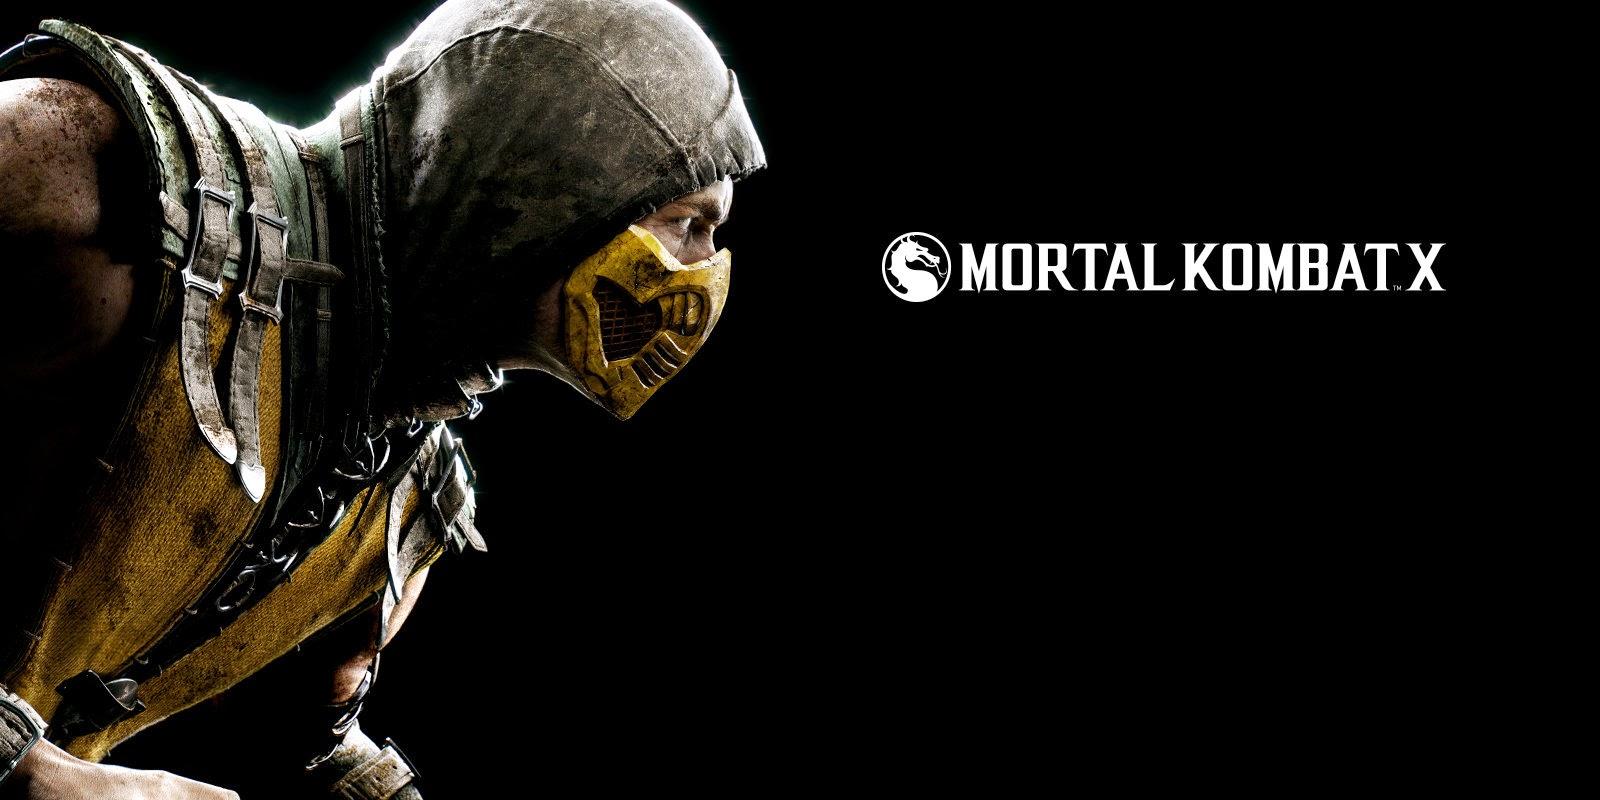 Mortal Kombat X download free version - trueofil